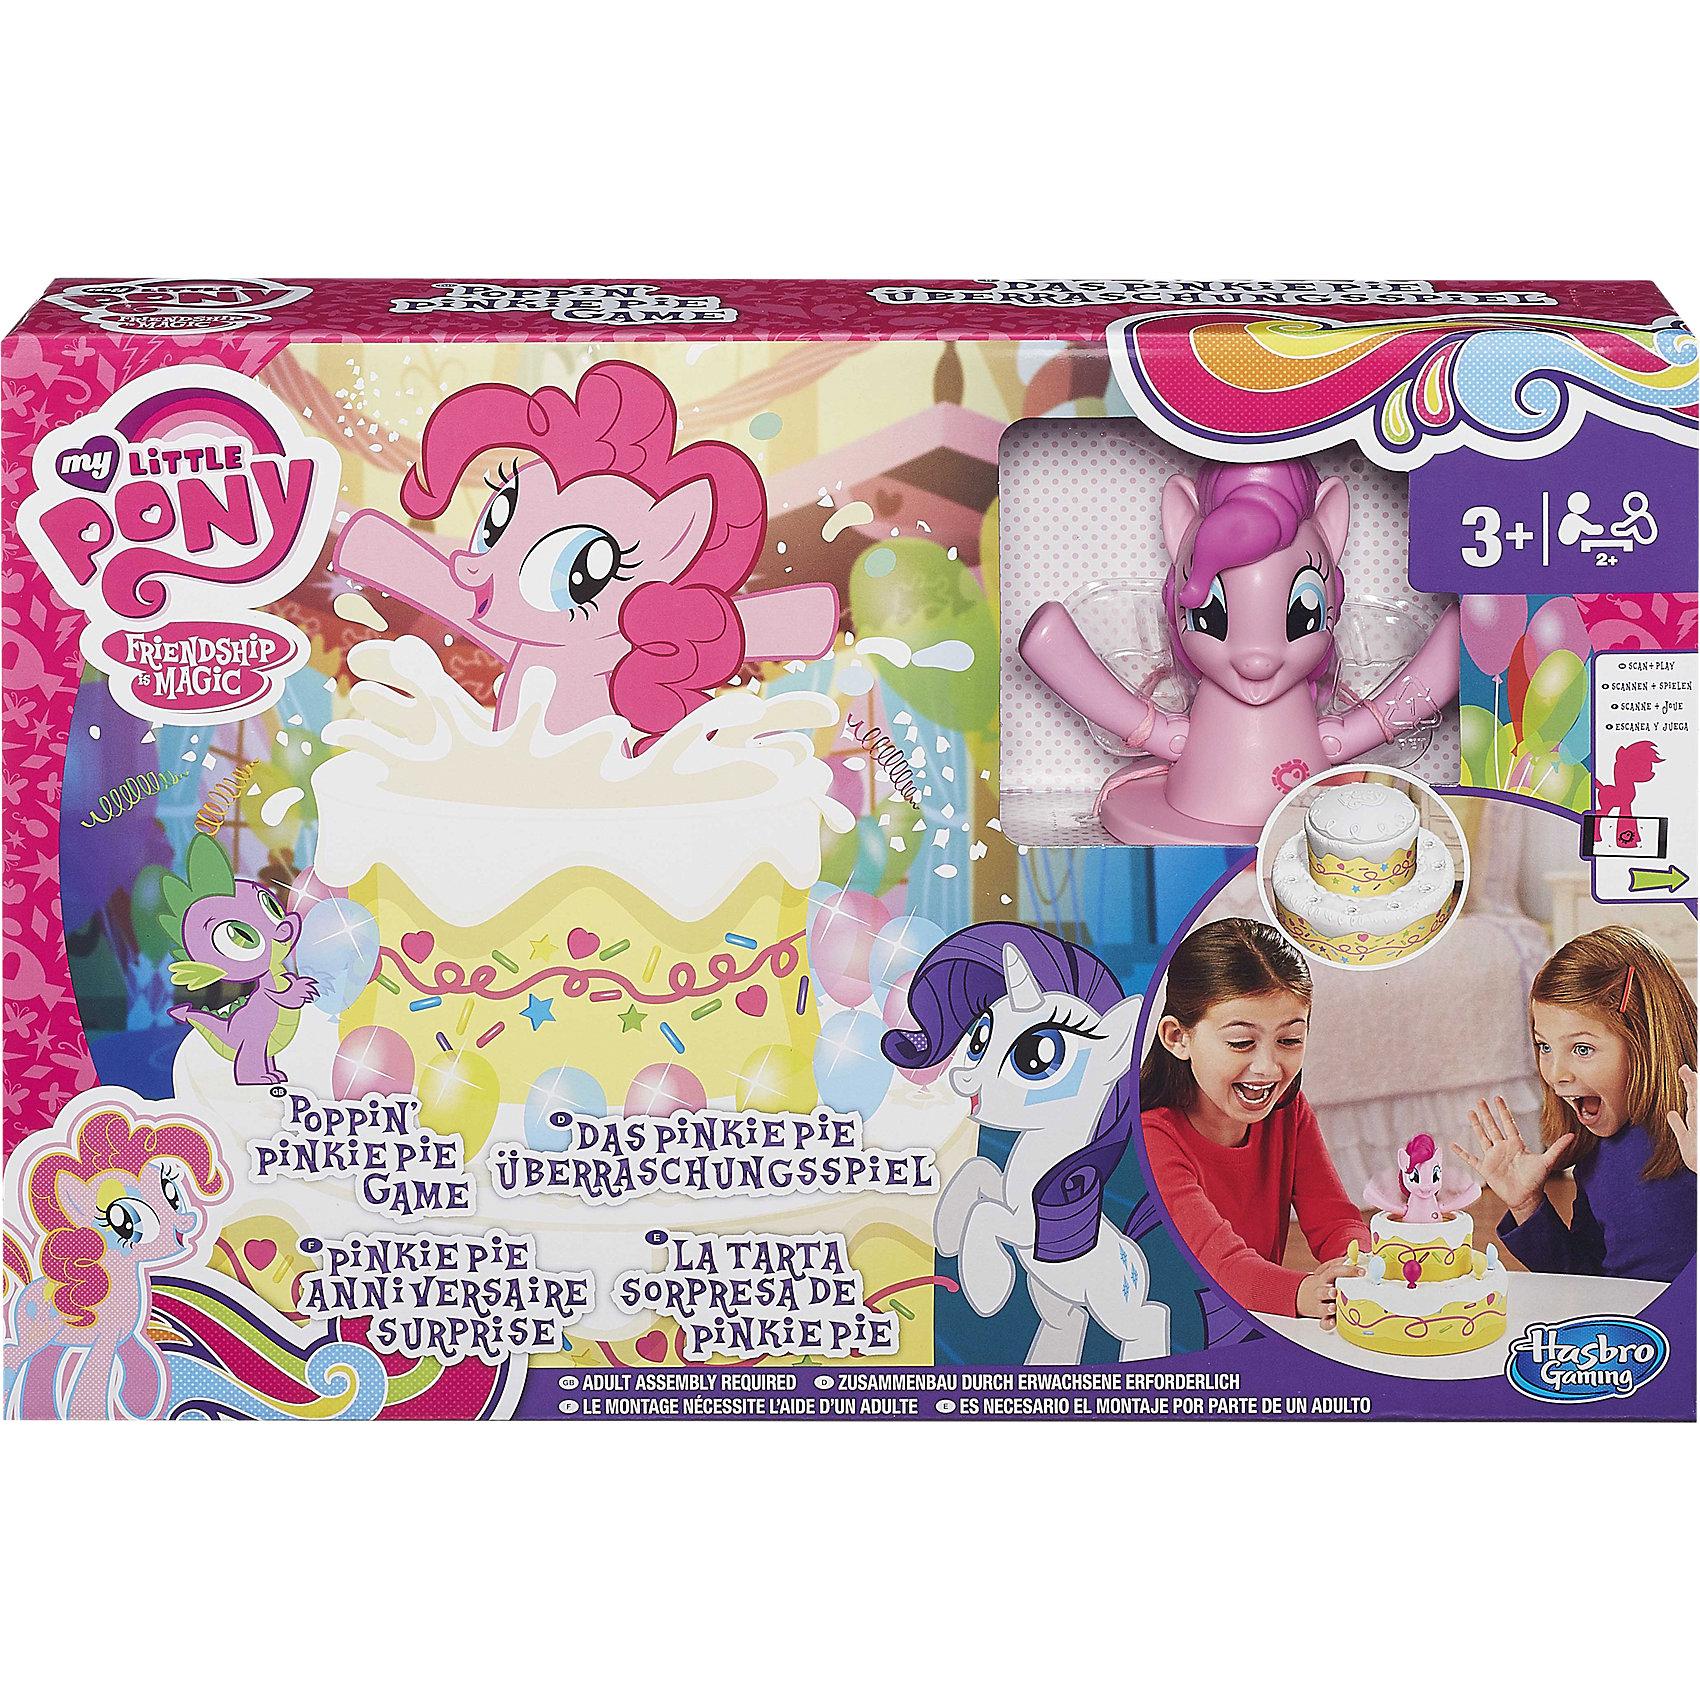 Игра Сюрприз Пинки Пай, My little Pony, HasbroНовая увлекательная игра для поклонниц  бренда My Little Pony. Пони выскакивает из торта и играет музыка. Торт можно украшать аксессуарами, которые идут в комплекте.<br><br>Ширина мм: 405<br>Глубина мм: 271<br>Высота мм: 88<br>Вес г: 832<br>Возраст от месяцев: 36<br>Возраст до месяцев: 60<br>Пол: Женский<br>Возраст: Детский<br>SKU: 4156409